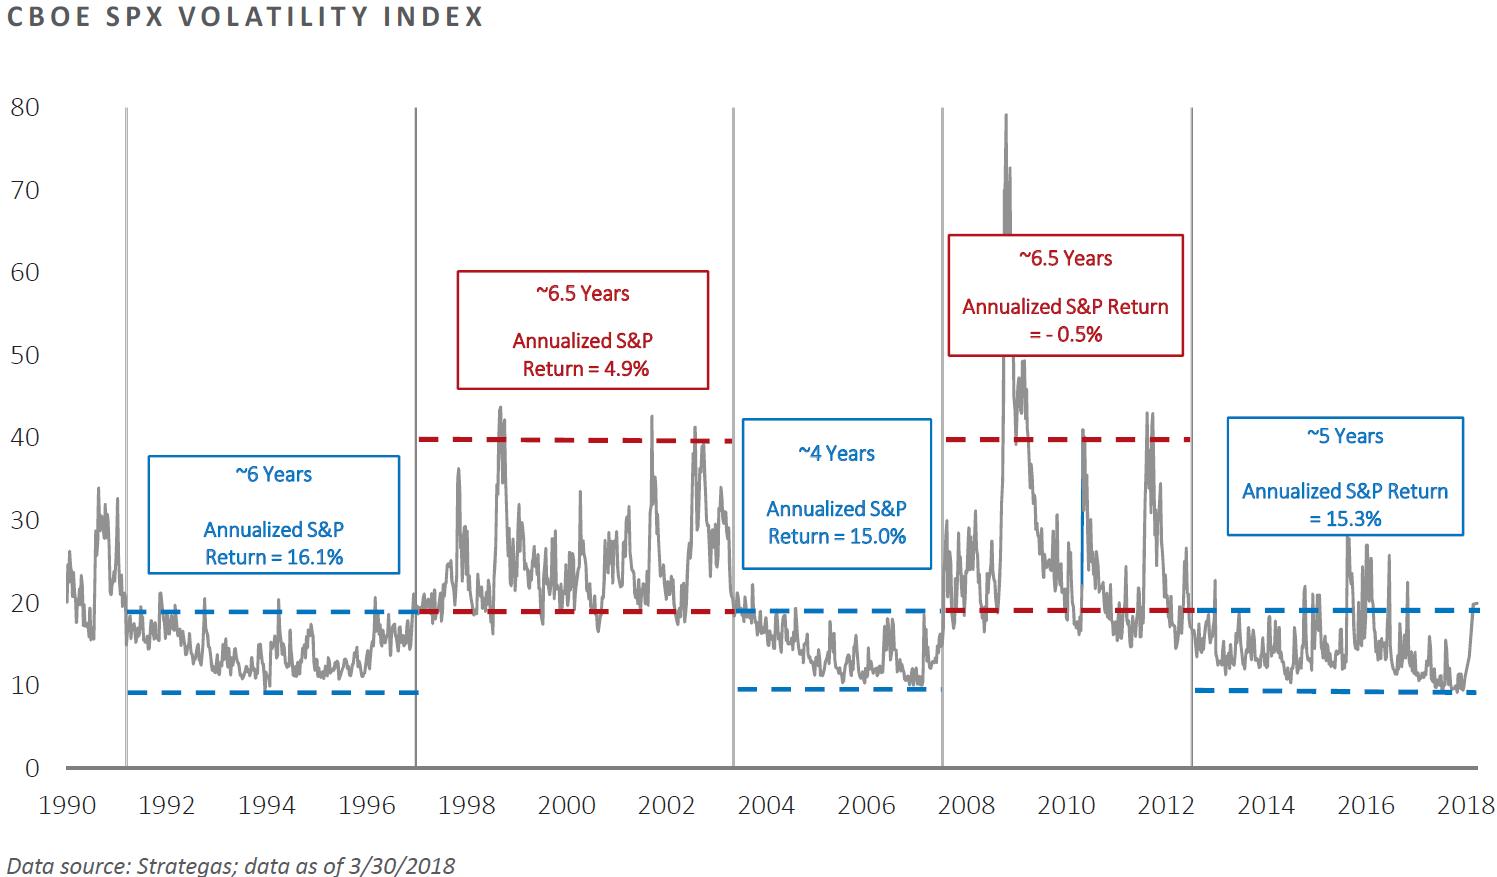 CBOE SPX Volatility Index